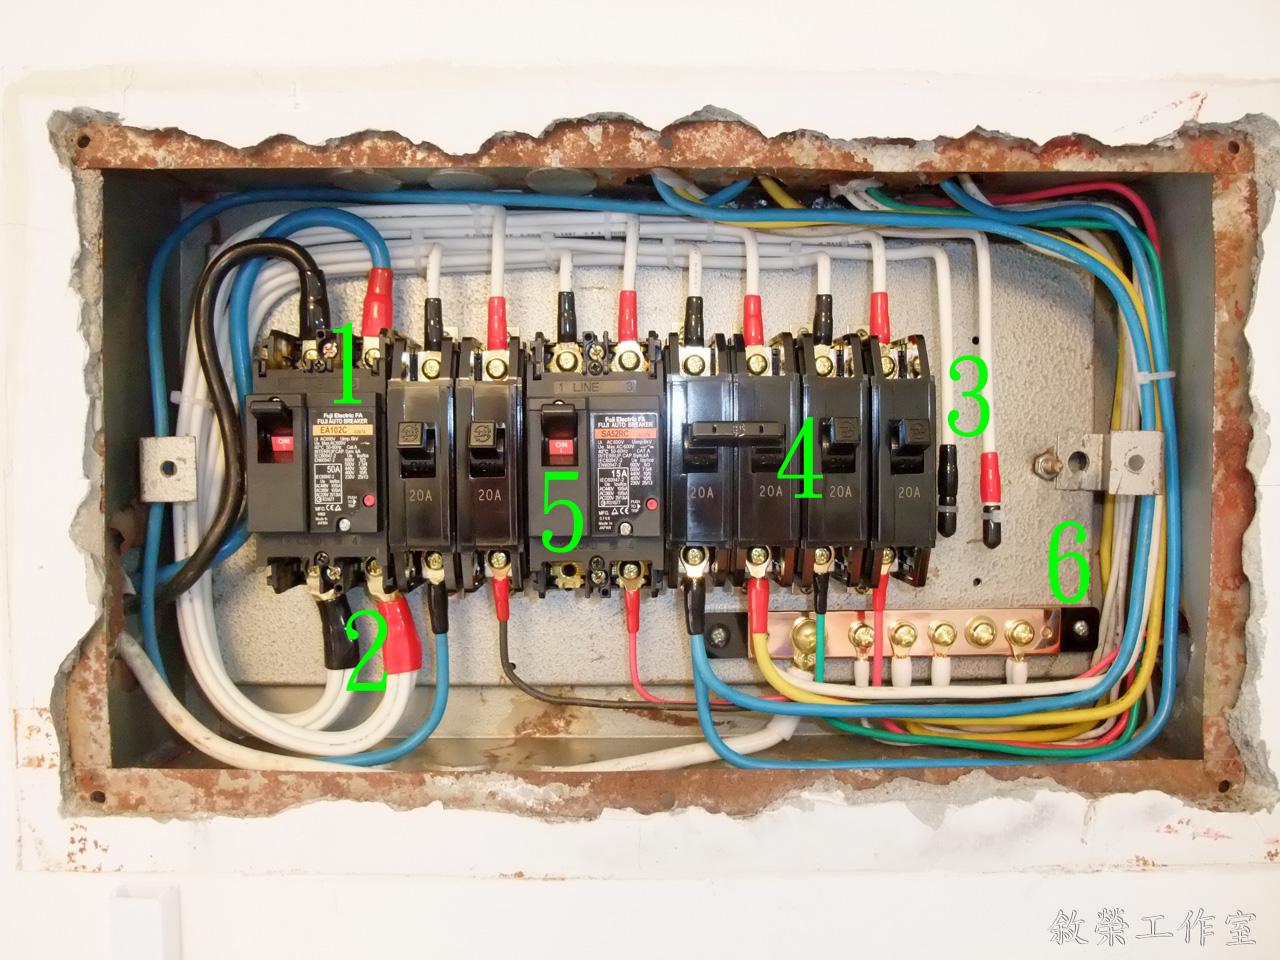 室內配電/音響配電 記錄 (六) (橫式配電箱) - 敘榮工作室